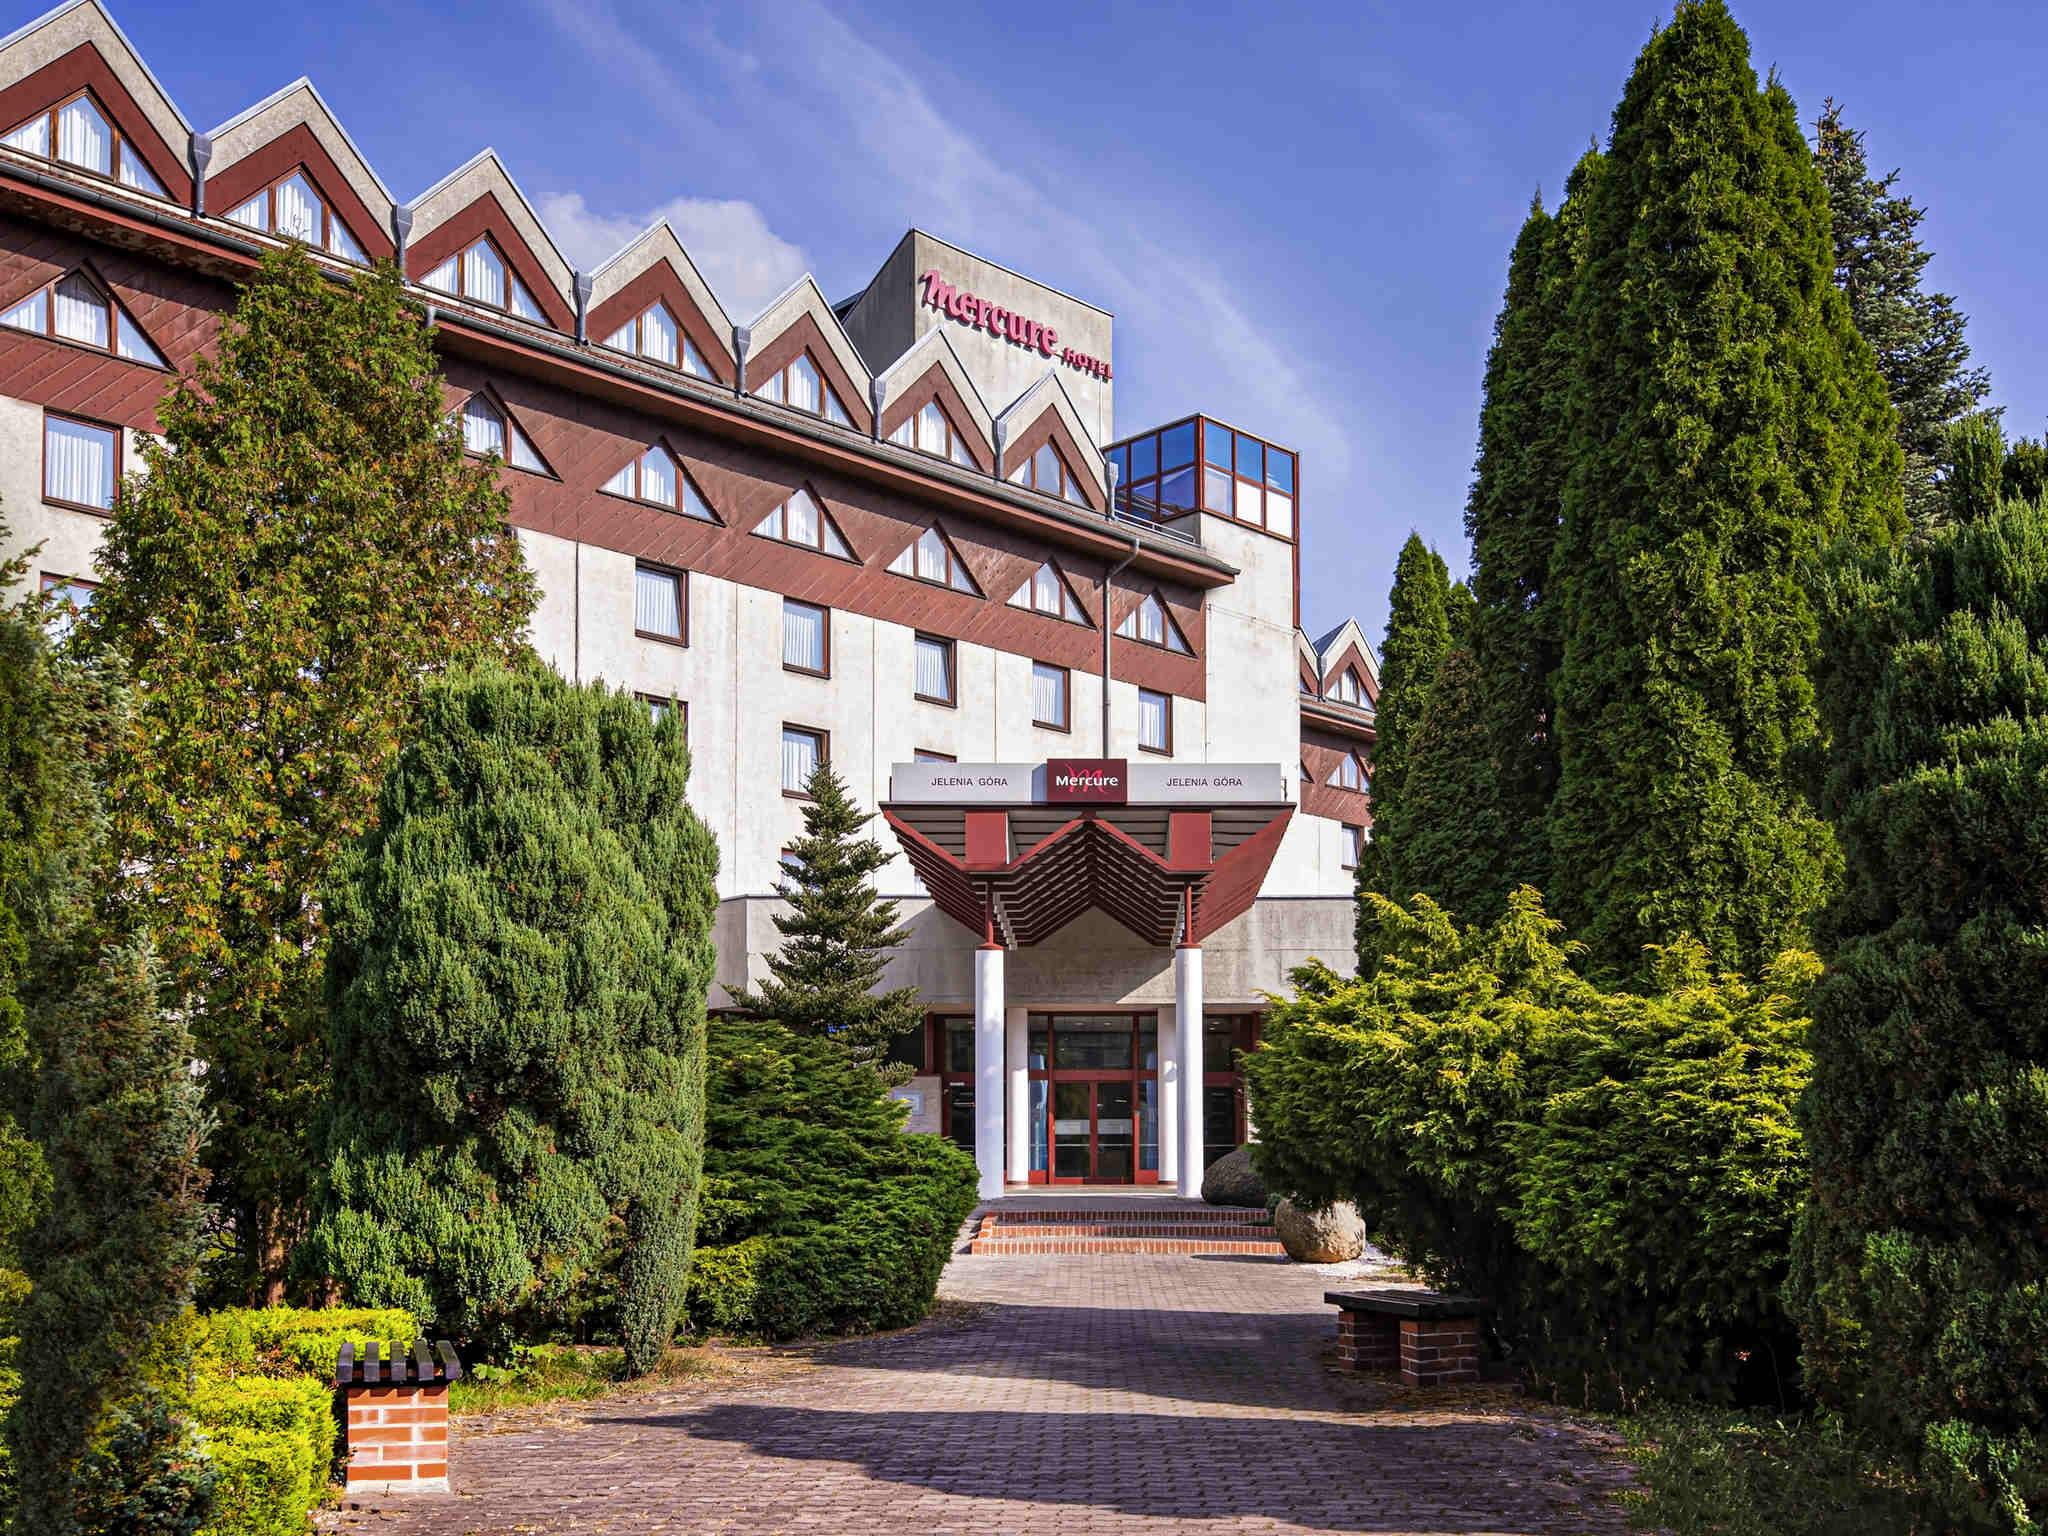 Otel – Hotel Mercure Jelenia Gora